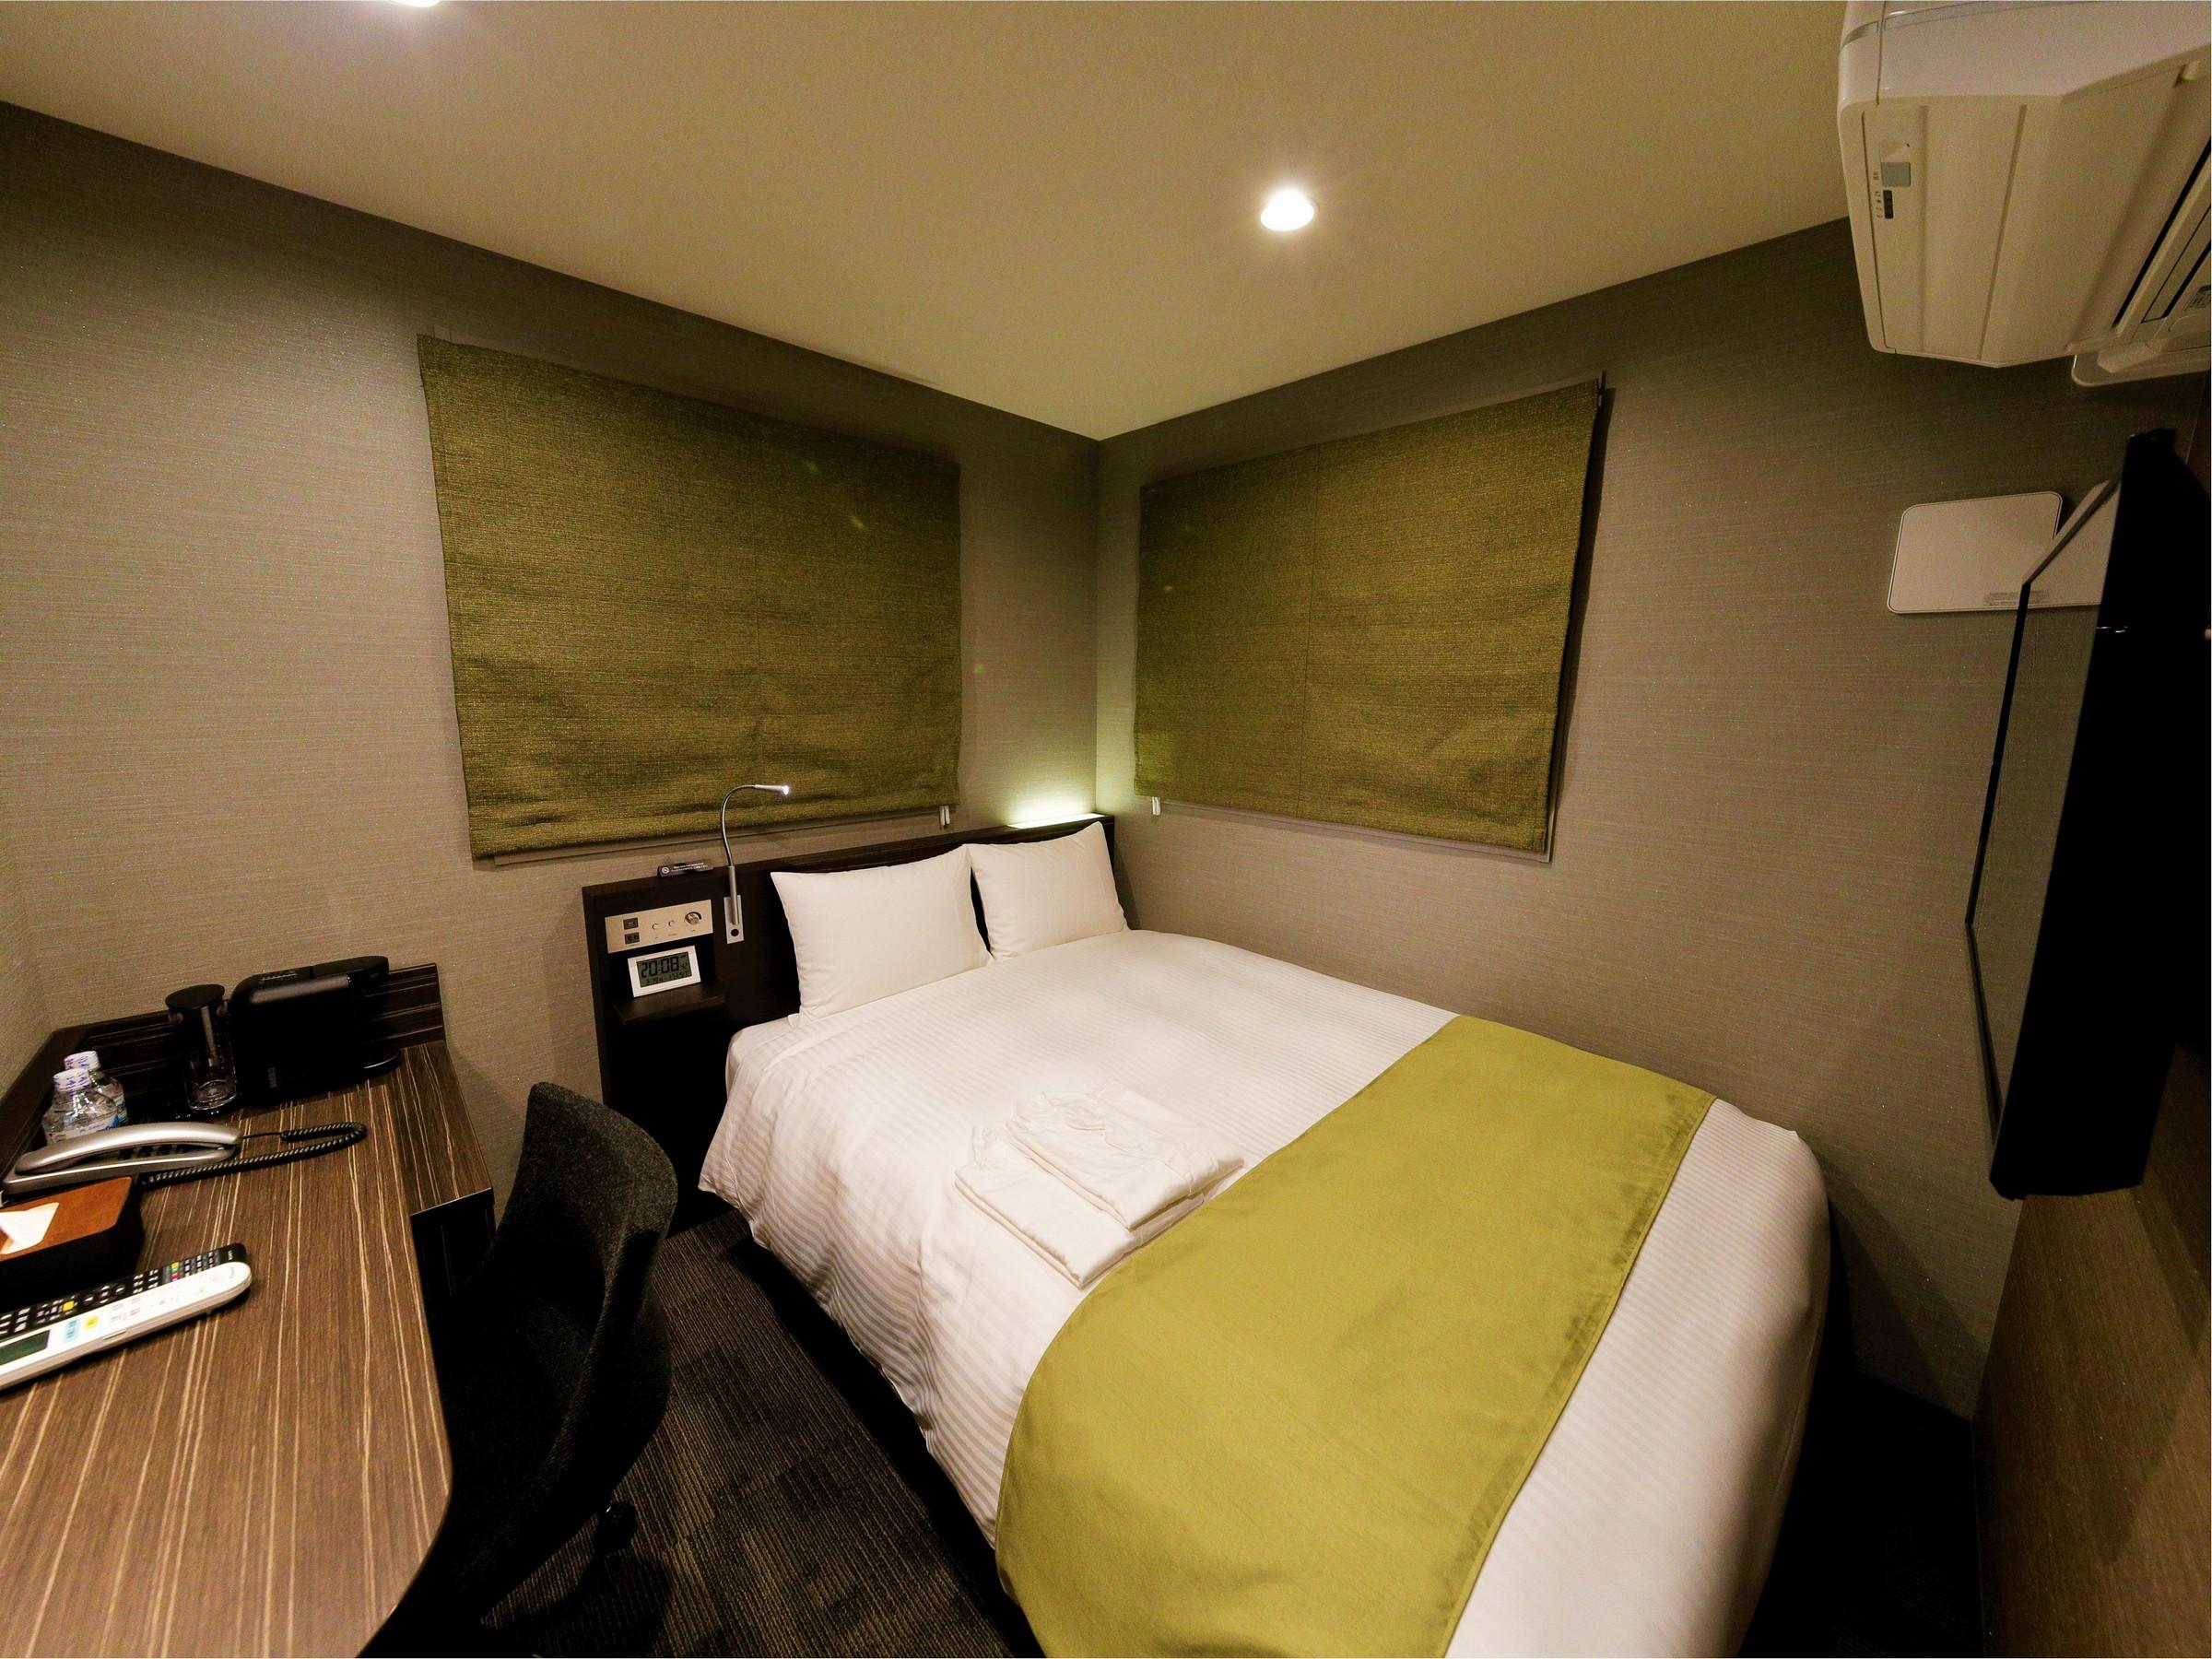 渋谷ホテル ダブルプラン